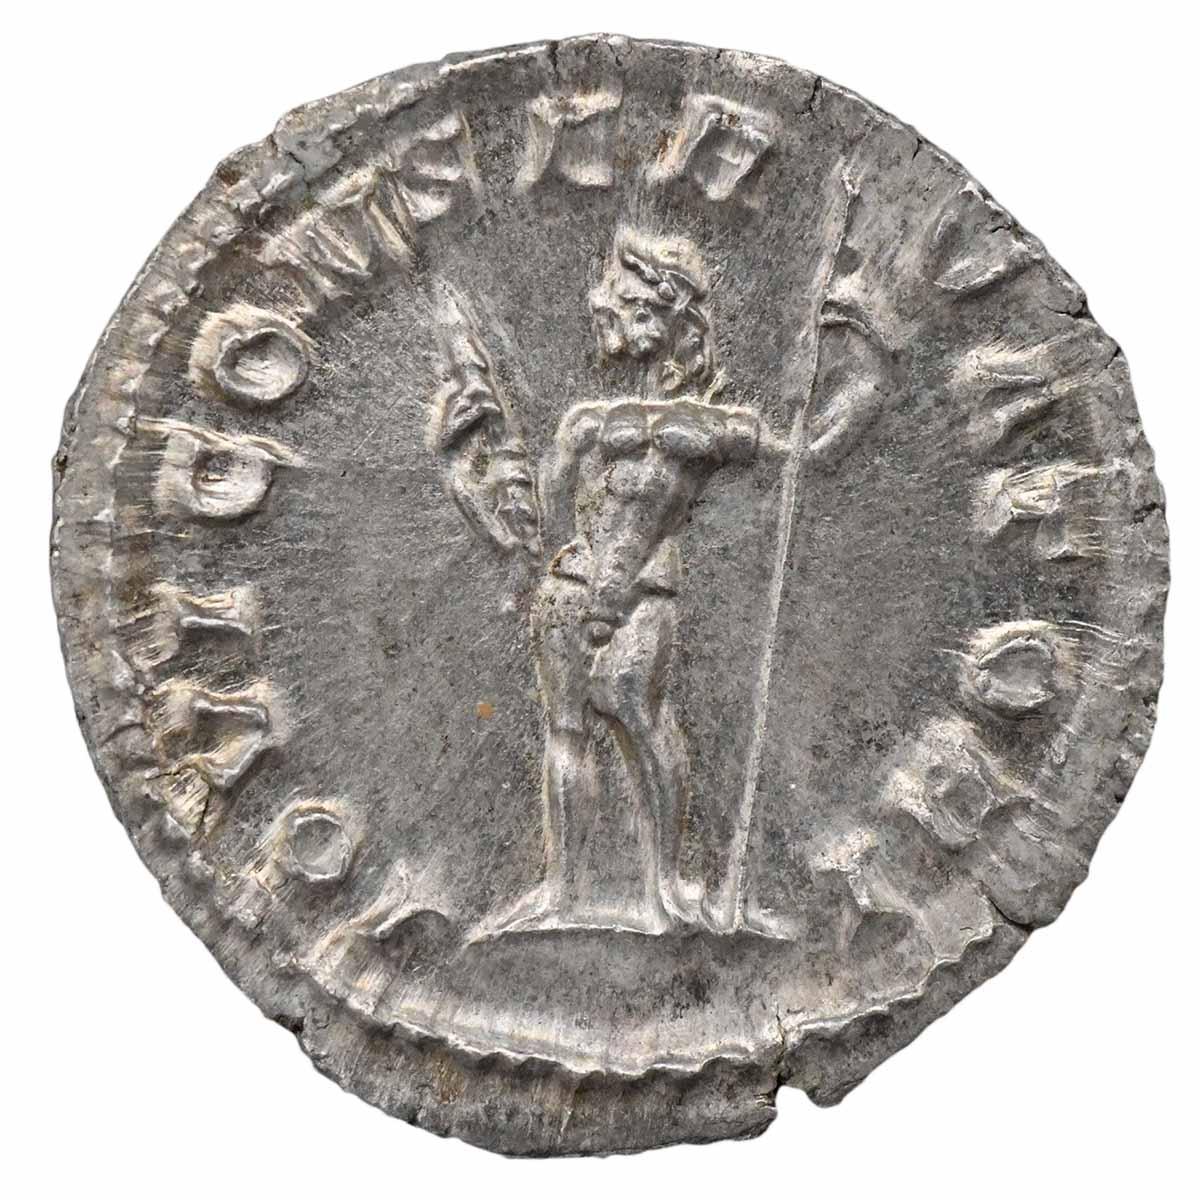 Moneta in argento di Roma Denario di Macrino con Giove